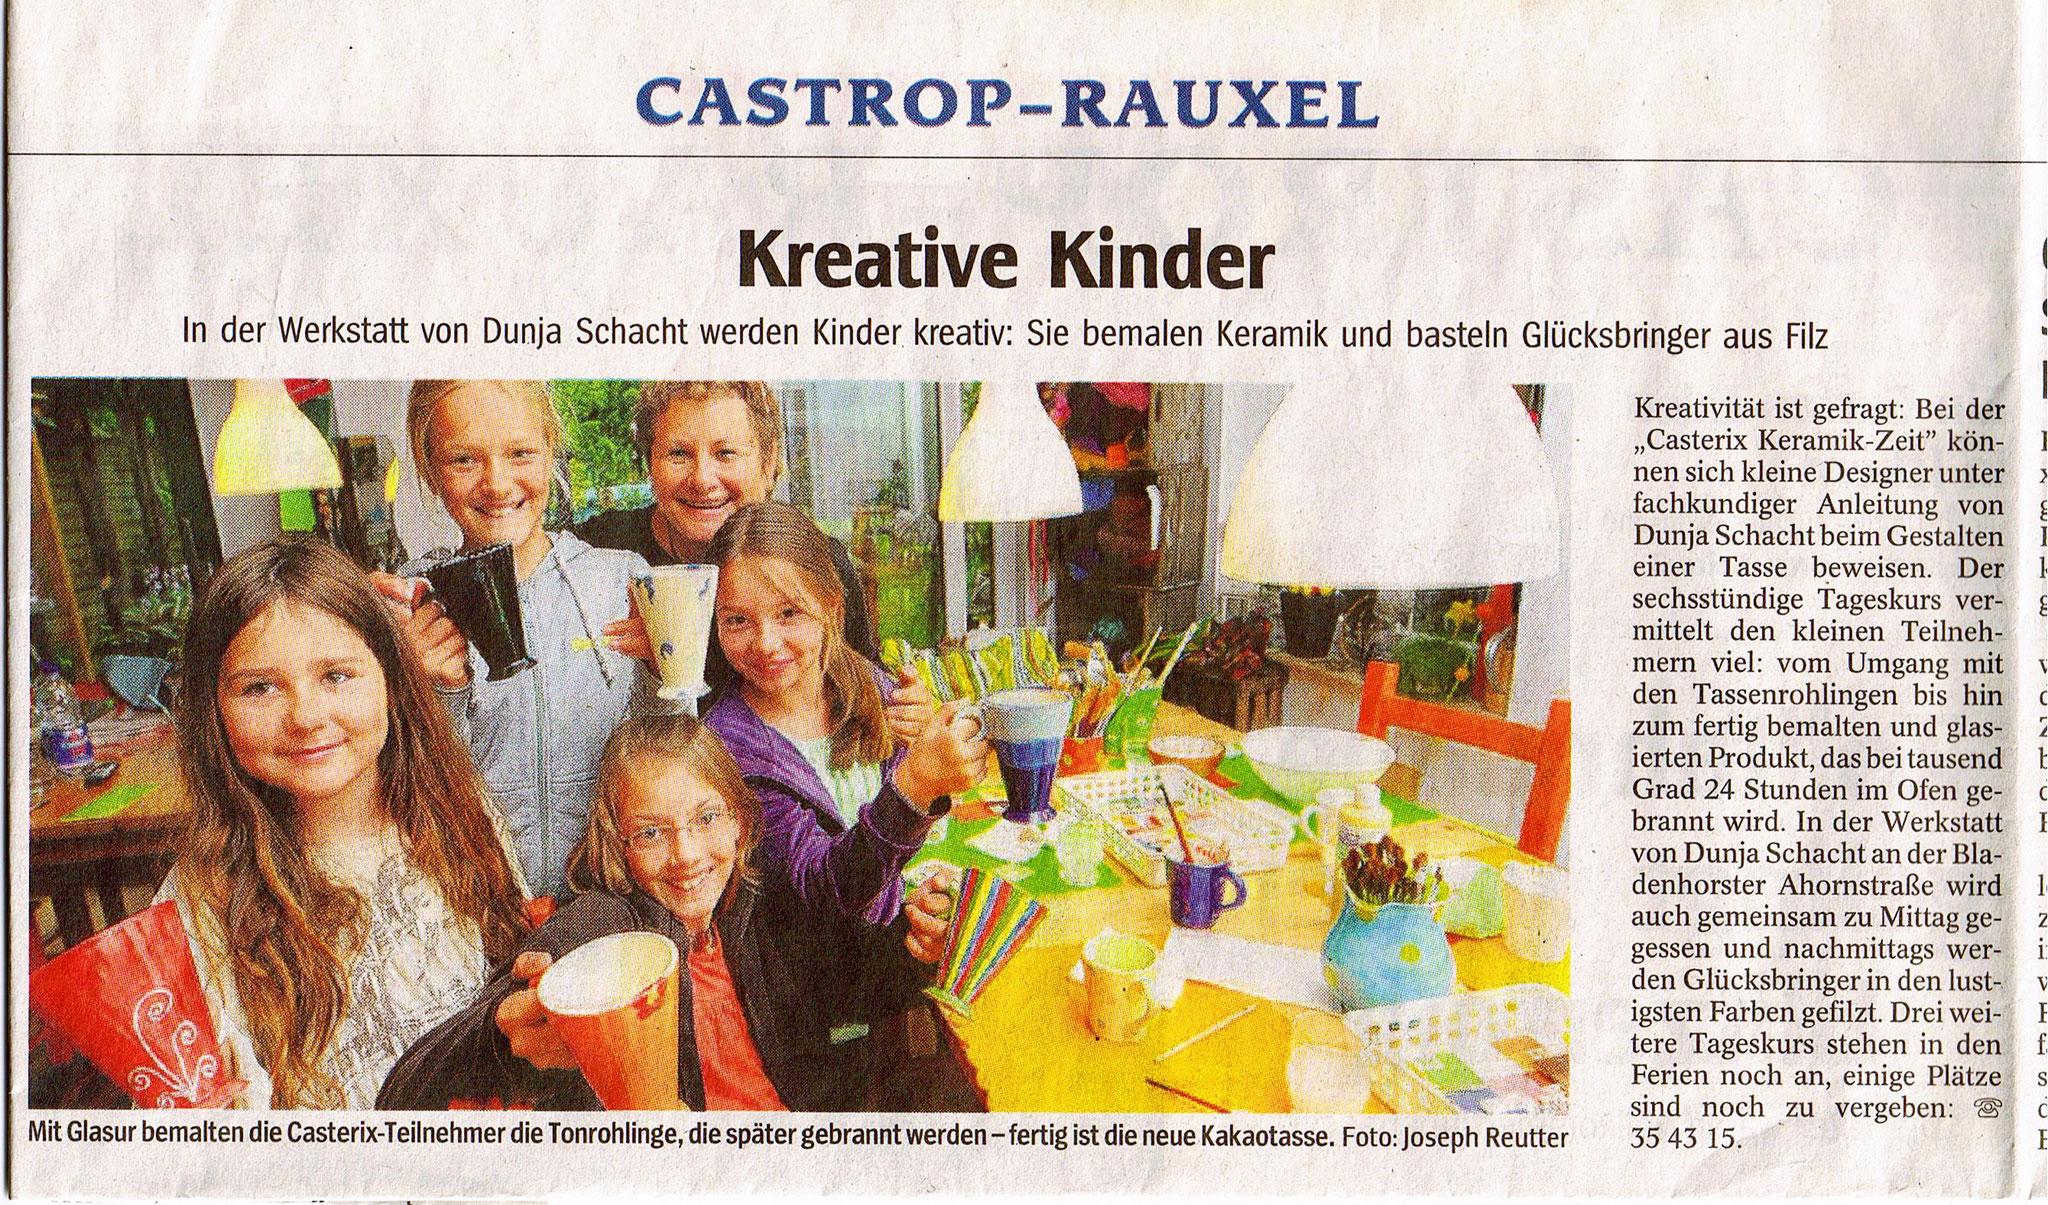 Die KeramikZeit im Casterix-Ferienprogramm 2009. (Quelle: WAZ vom 24.07.2009)